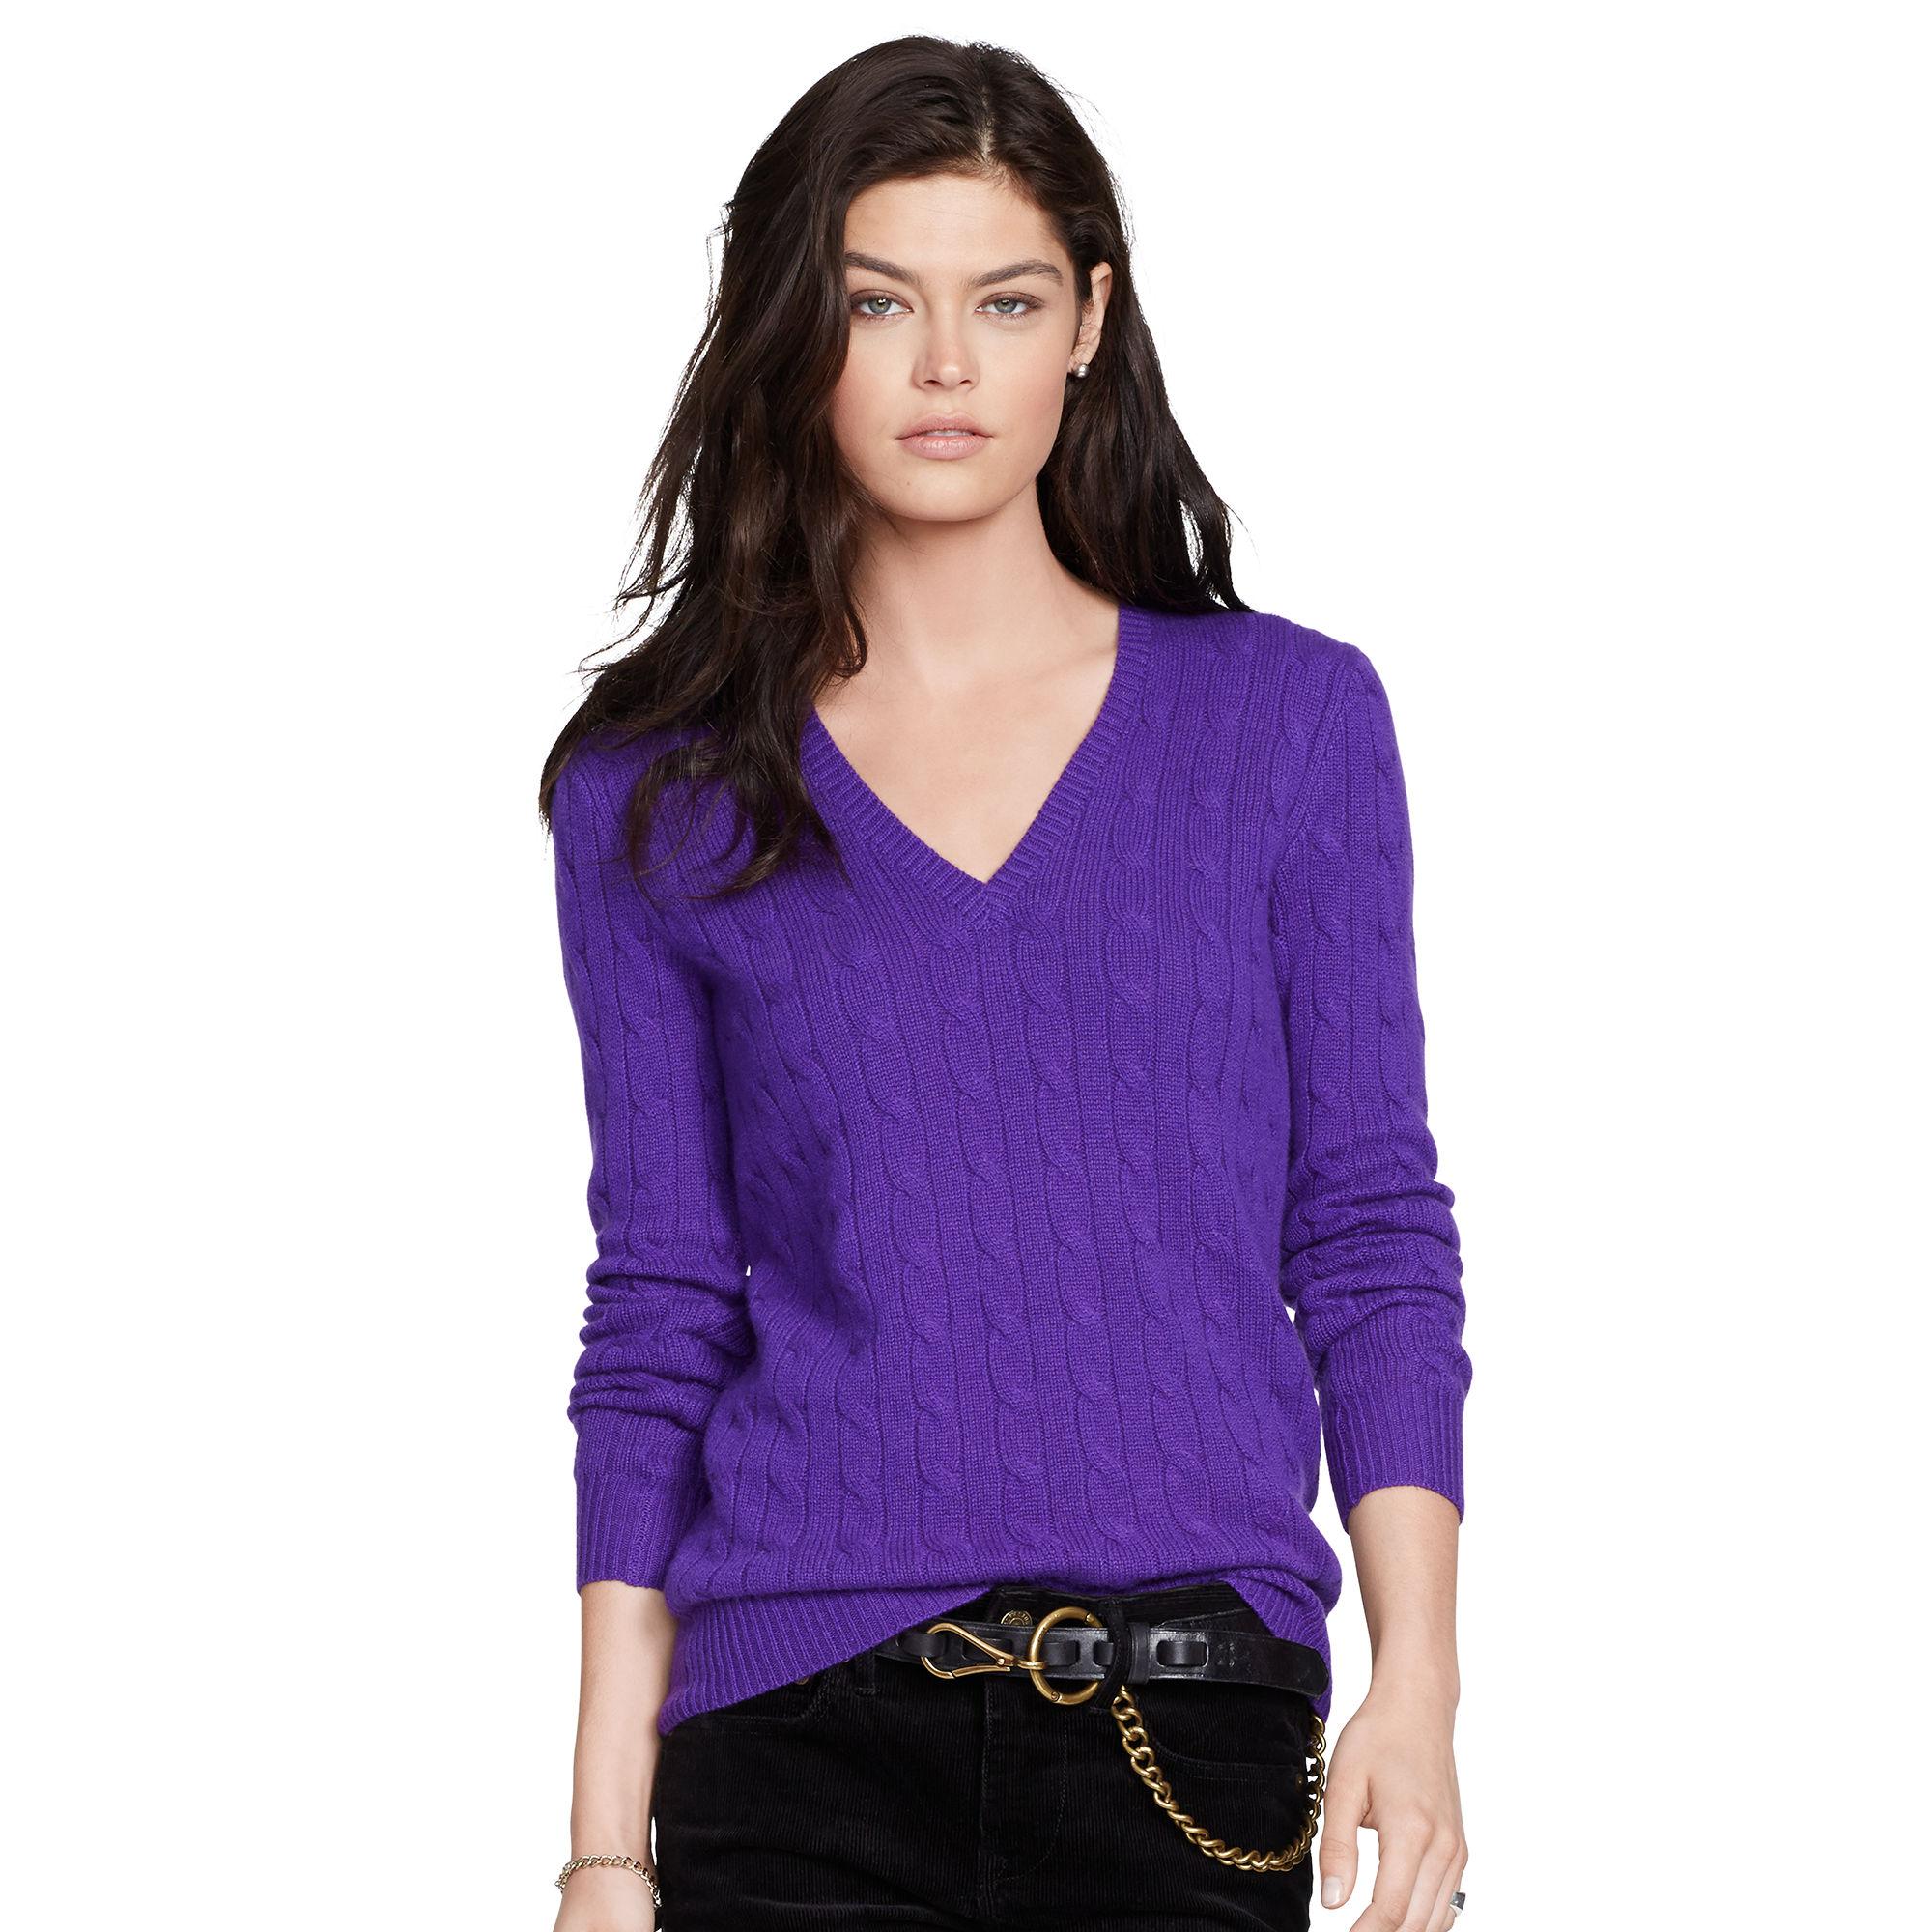 dbc8dd5d6a Gallery. Women s Striped Turtleneck Knits Women s Striped Sweaters ...